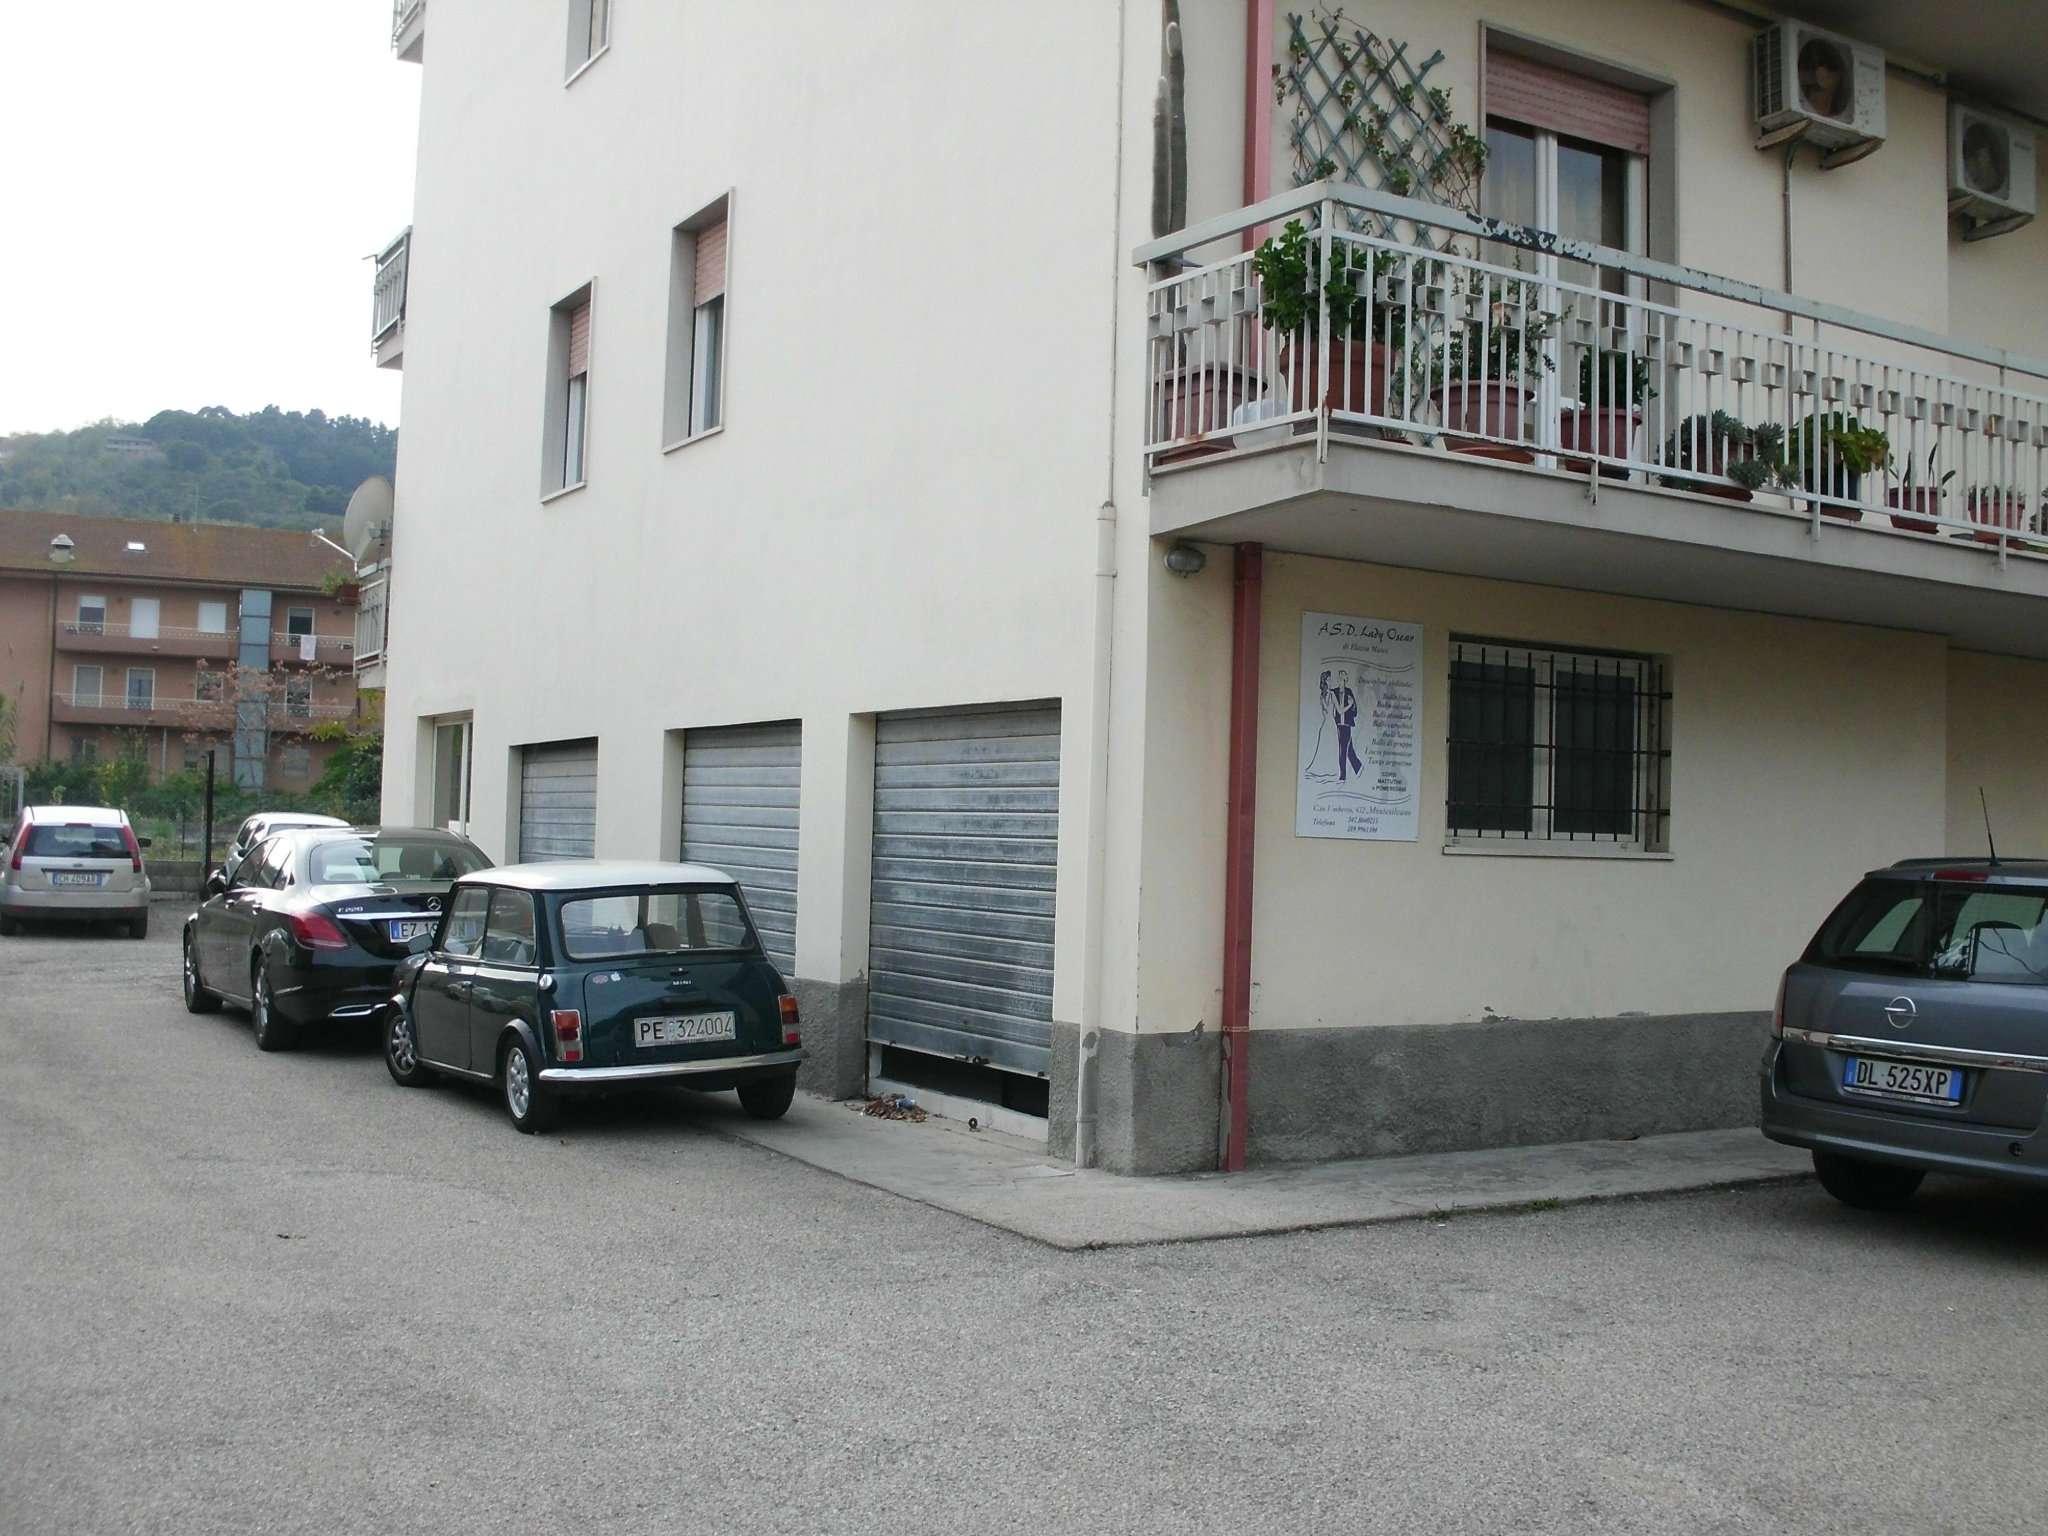 Magazzino in affitto a Montesilvano, 2 locali, prezzo € 300 | CambioCasa.it